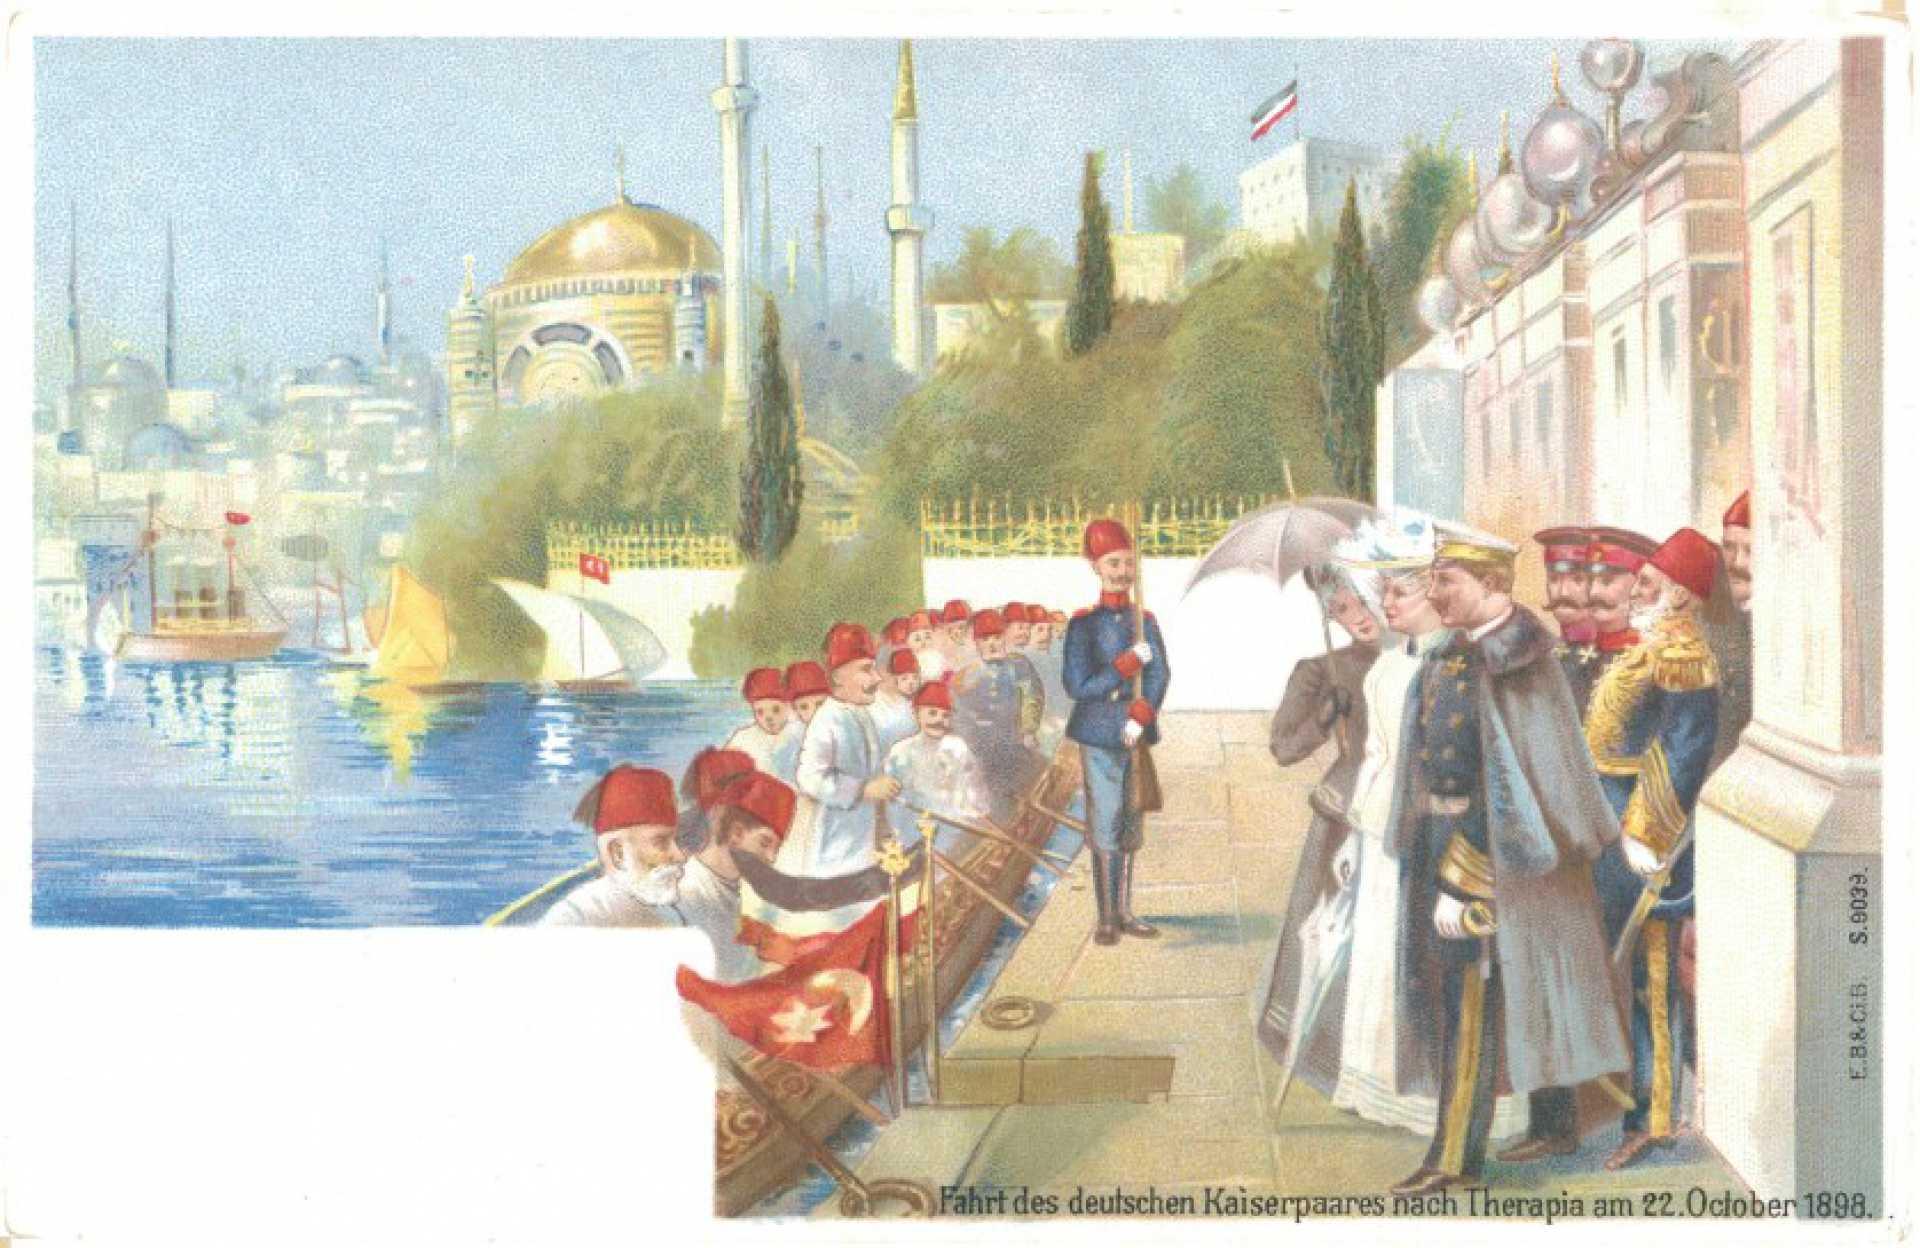 Fahrt des deutschen Kaiserpaares nach Therapia am 22 October 1898